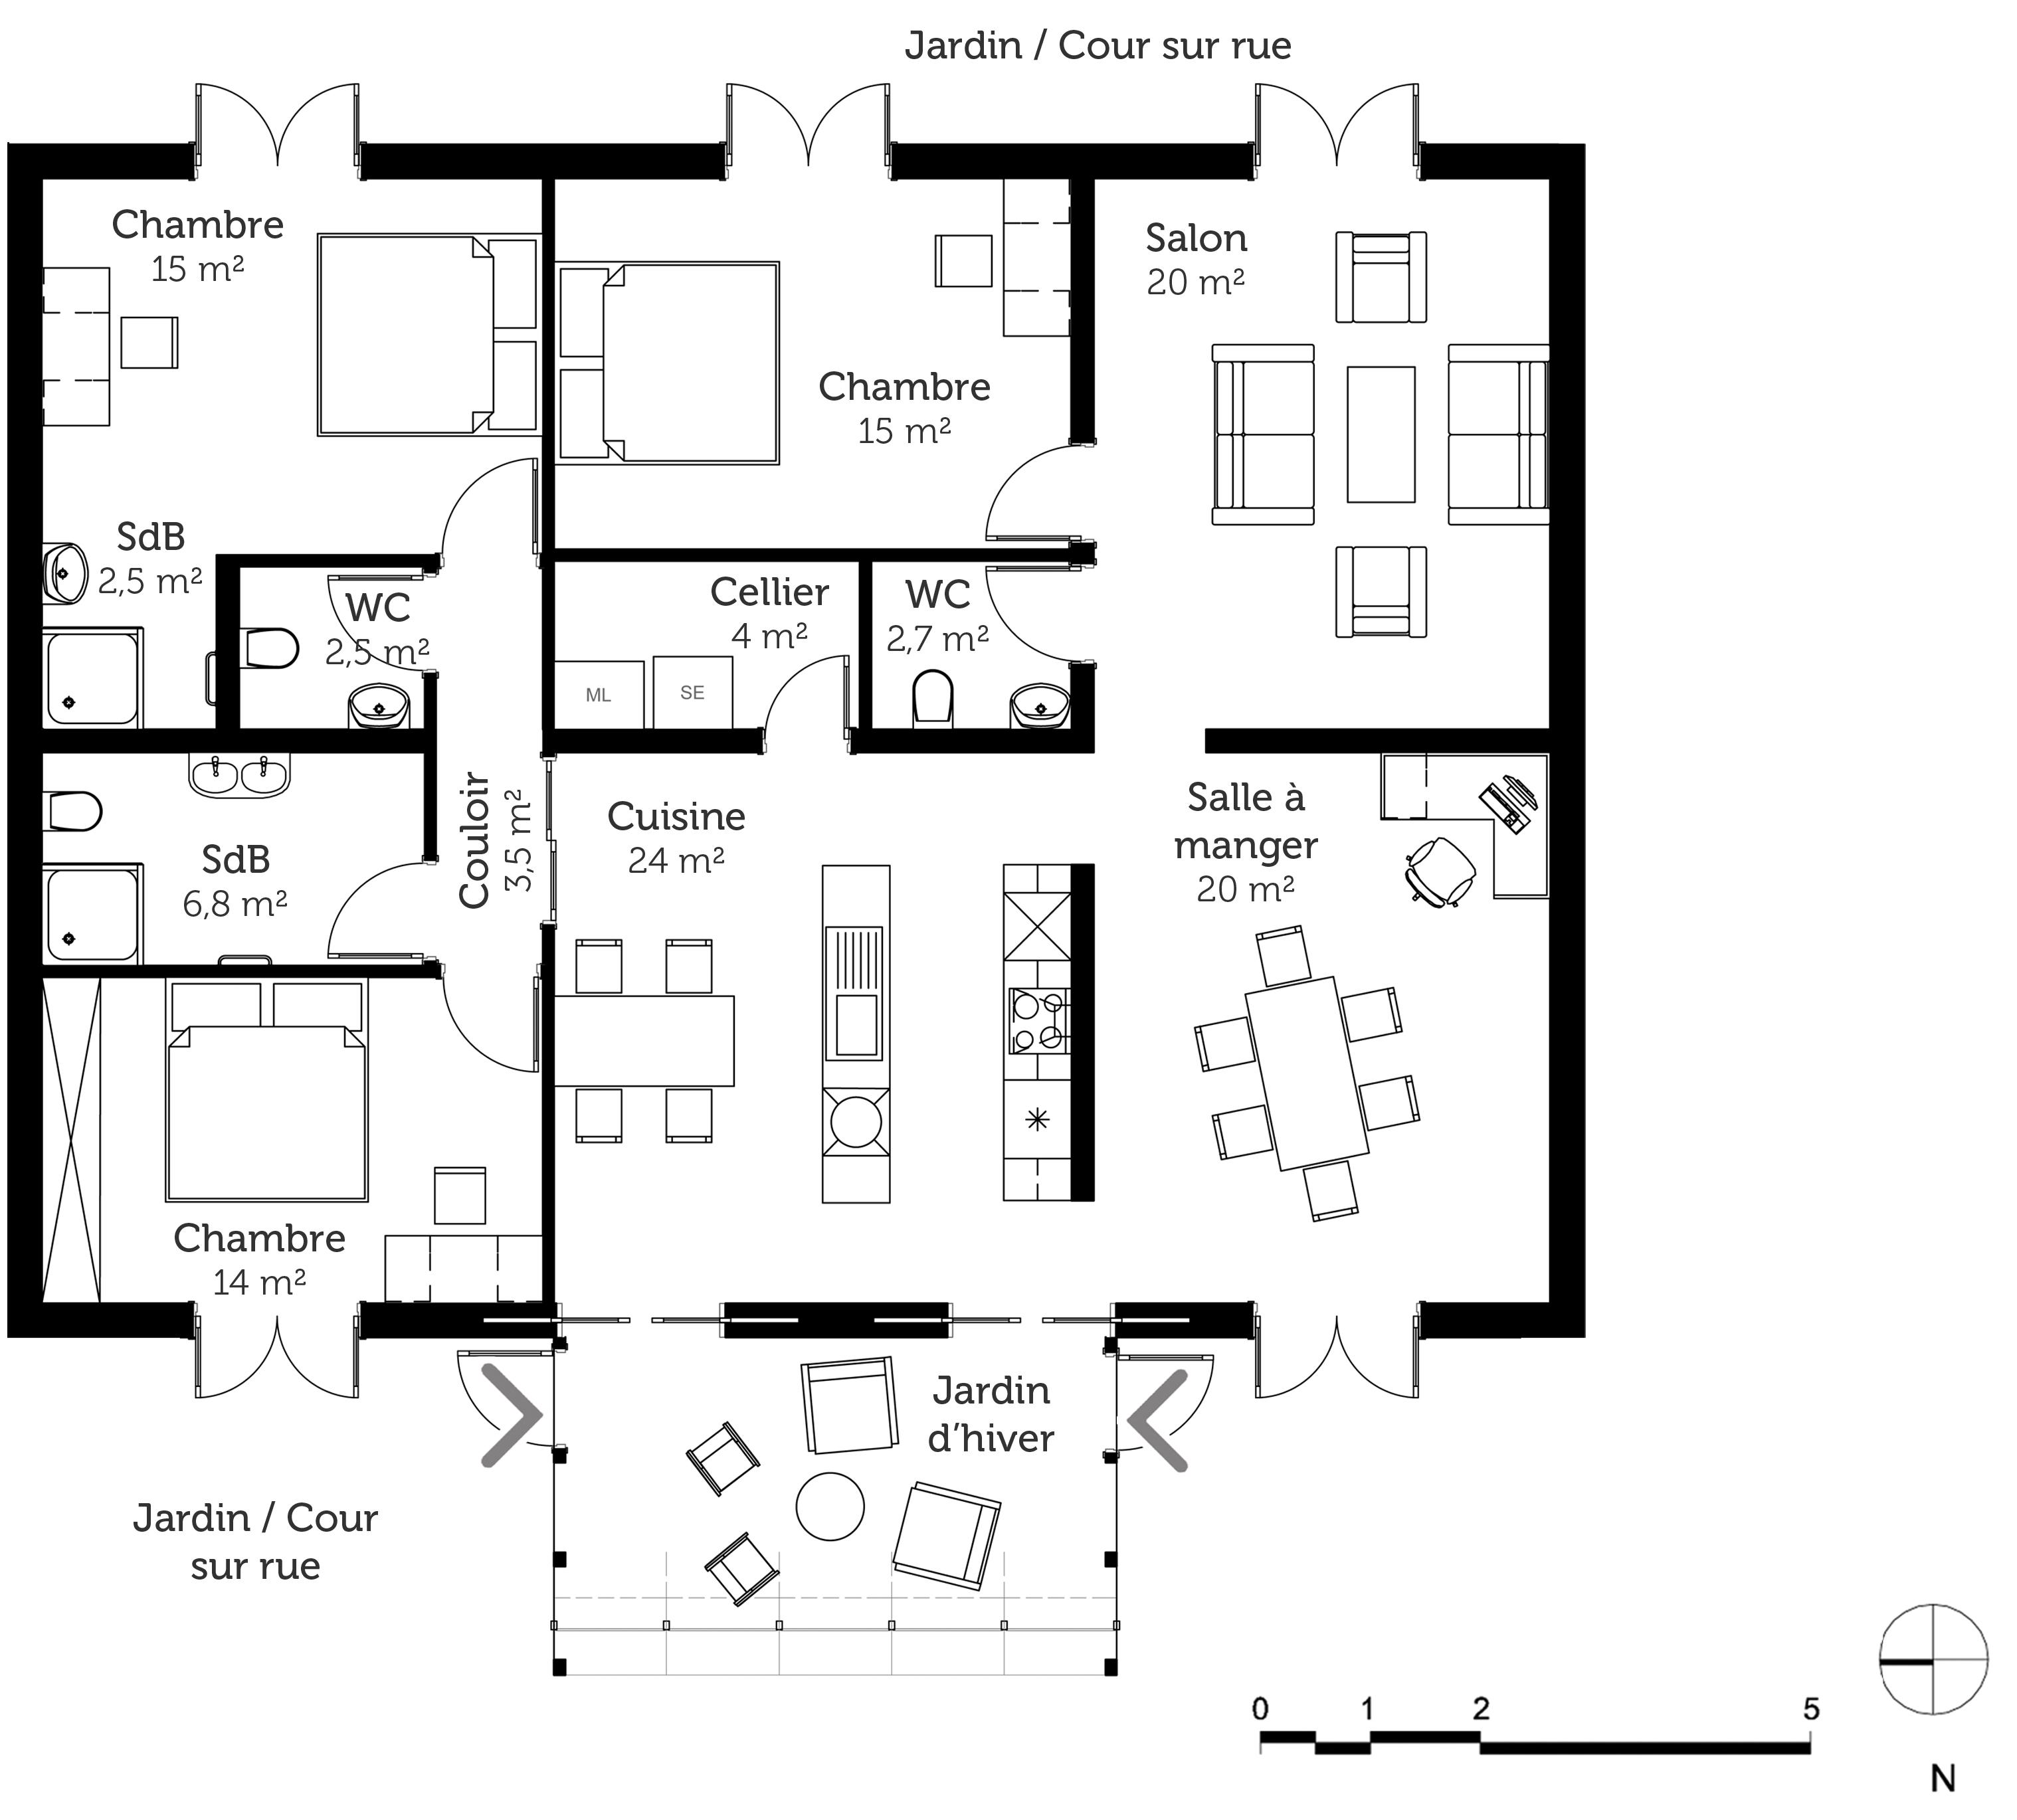 Plan maison avec jardin d 39 hiver ooreka for Plan maison 5 chambres